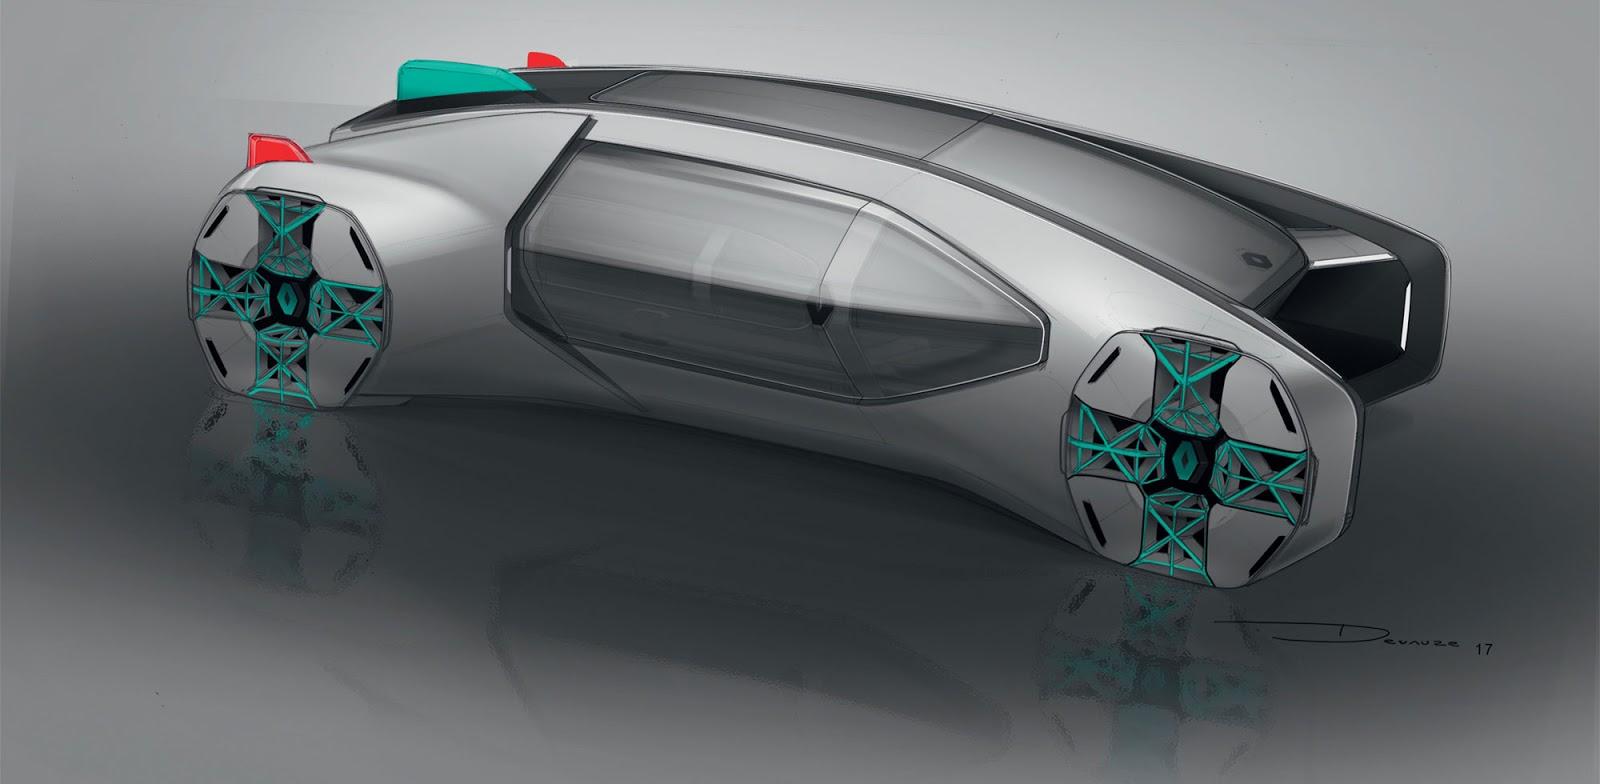 Renault EZ-GO Concept sketch by Marc Devauze